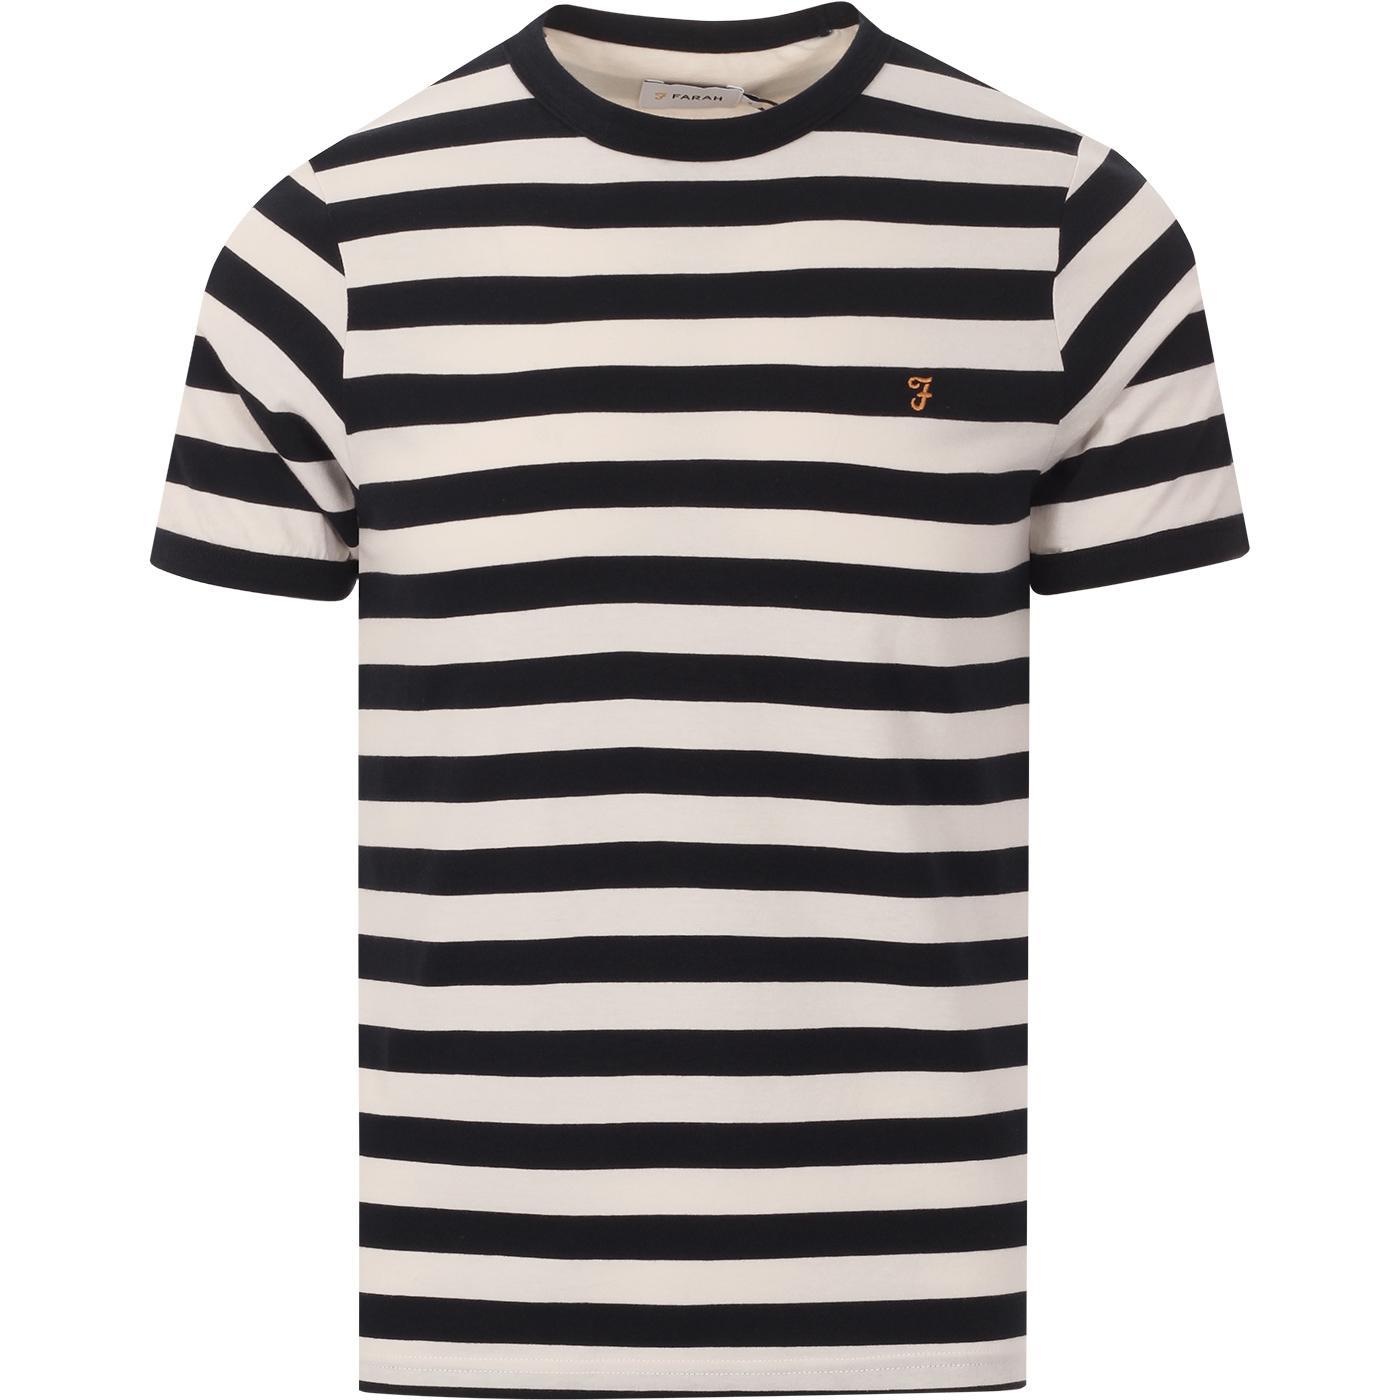 Belgrove FARAH Mens Retro Mod Striped T-Shirt ECRU